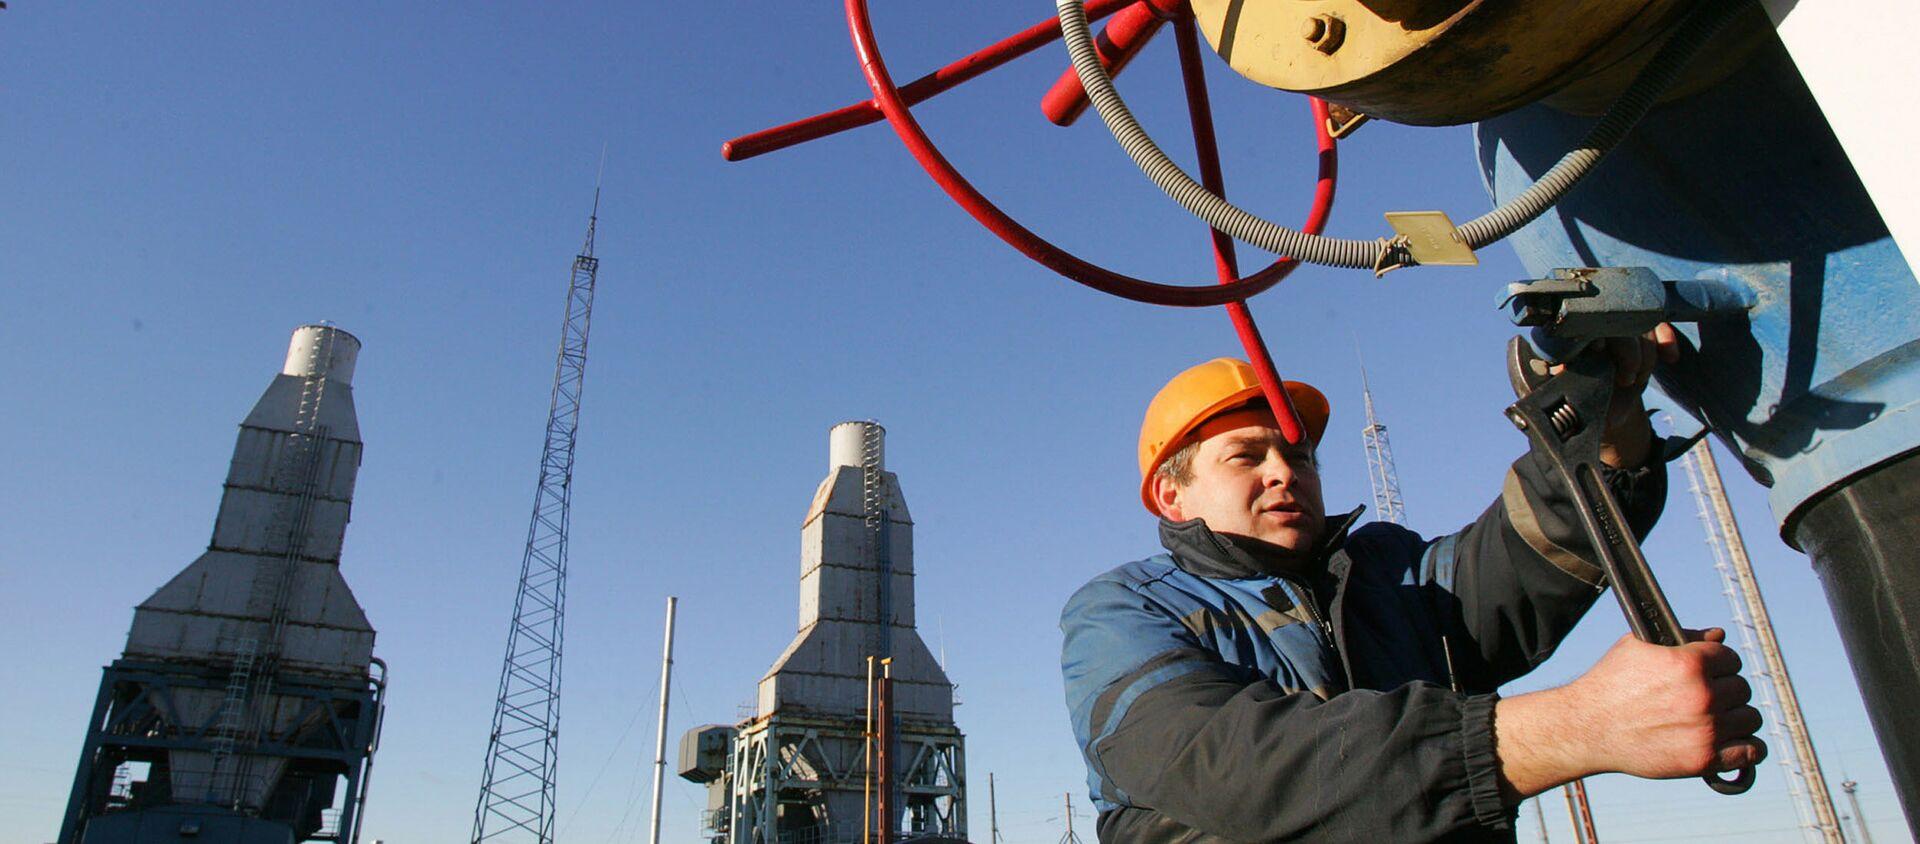 Белорусский рабочий дежурит на газокомпрессорной станции газопровода Ямал-Европа около города Несвиж, примерно в 130 км к юго-западу от Минска, 29 декабря 2006 года. Беларусь направила сегодня в Москву высокопоставленного чиновника по энергетическим вопросам, чтобы присоединиться к переговорам по разрядке ряда. из-за российского импорта природного газа, который угрожает нарушить поставки энергоносителей в Европейский союз с понедельника. - Sputnik Абхазия, 1920, 11.06.2020